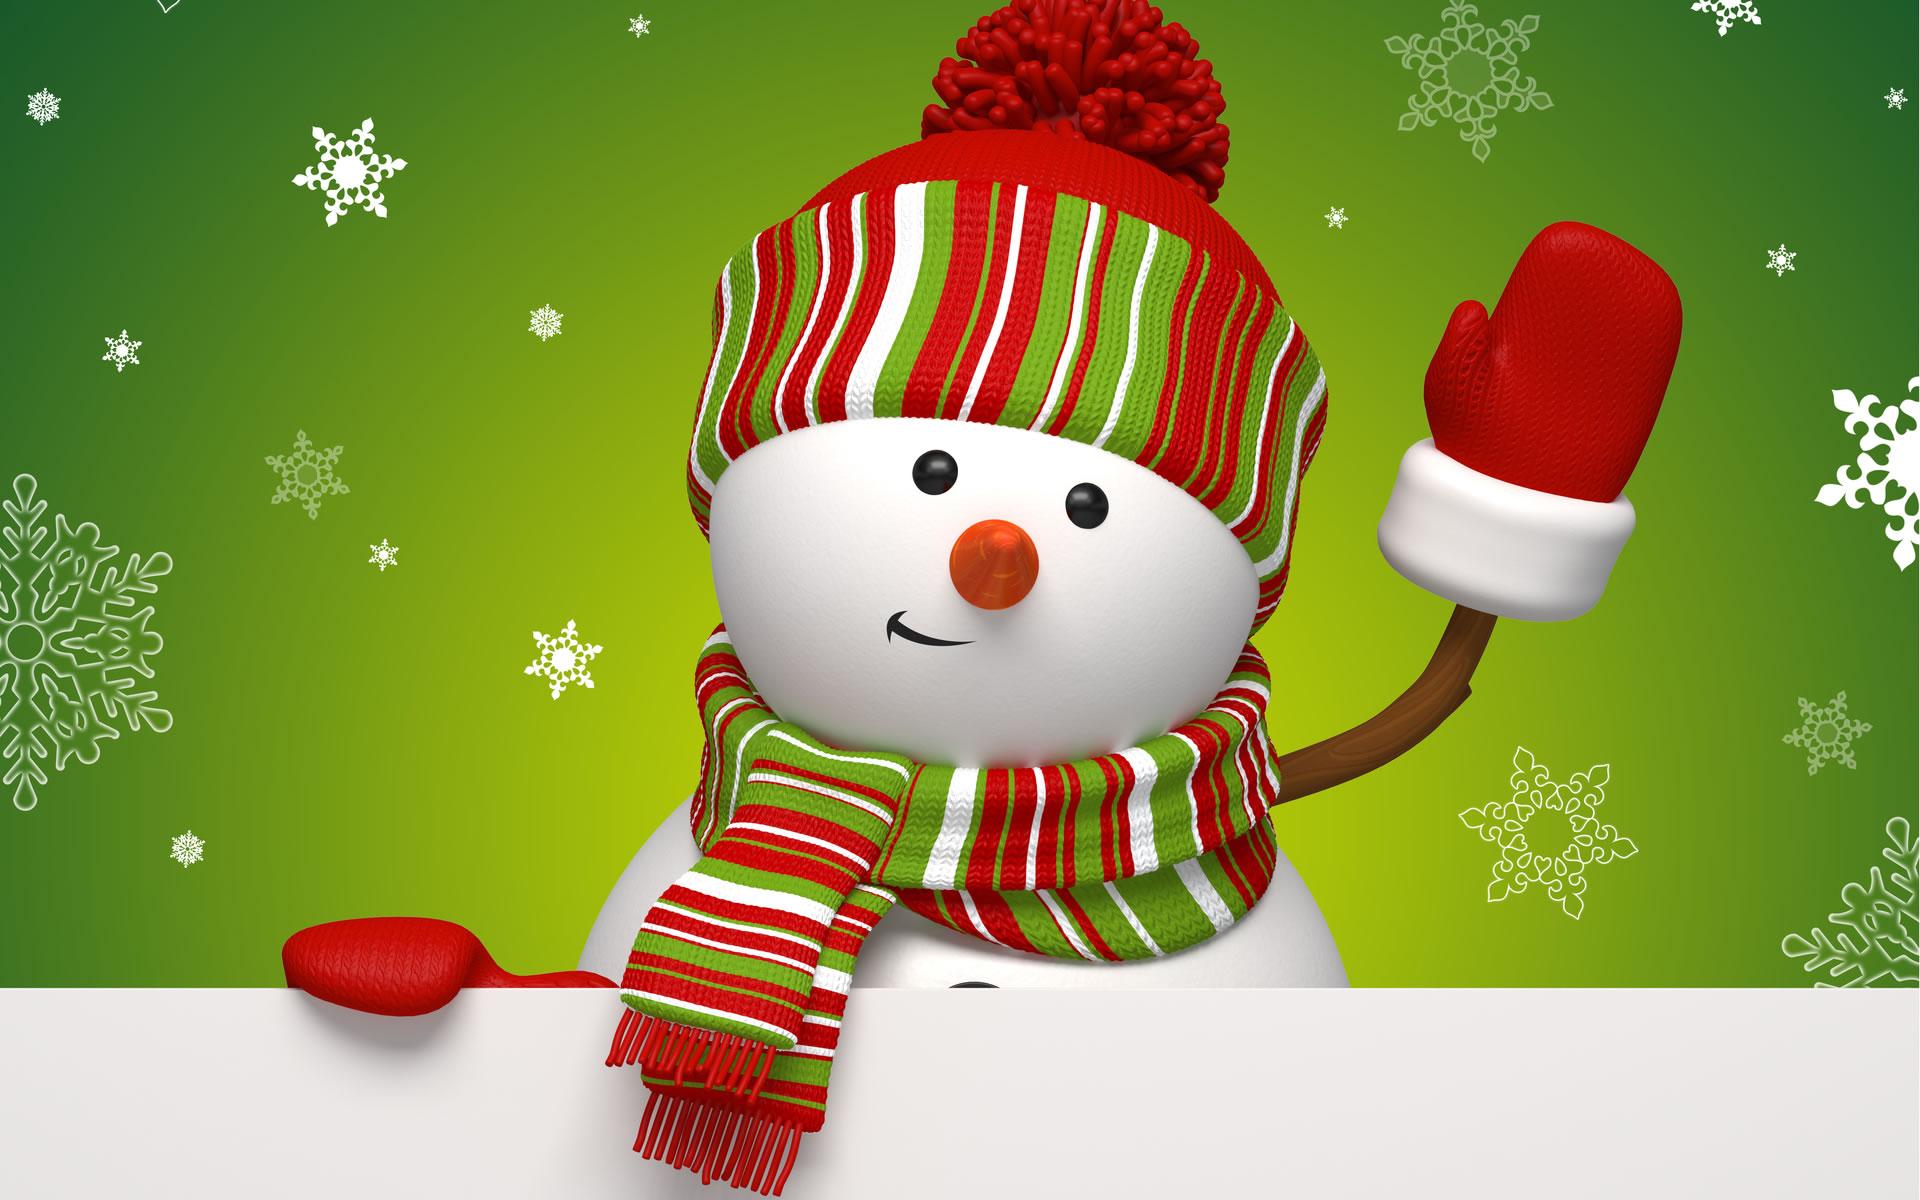 download wallpaper: zwaaiende sneeuwman wallpaper